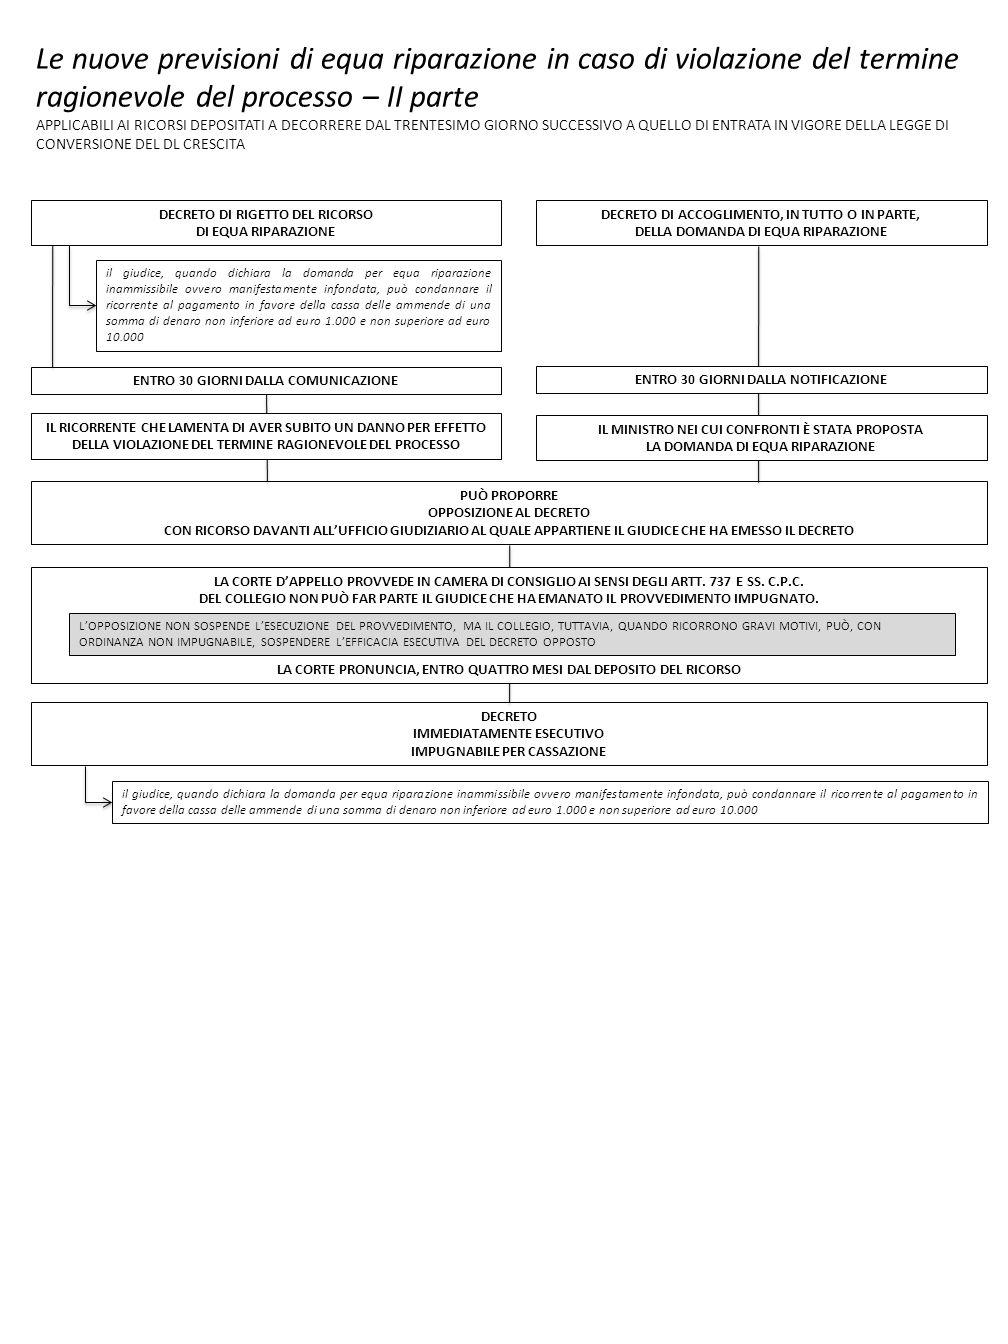 Le nuove previsioni di equa riparazione in caso di violazione del termine ragionevole del processo – II parte